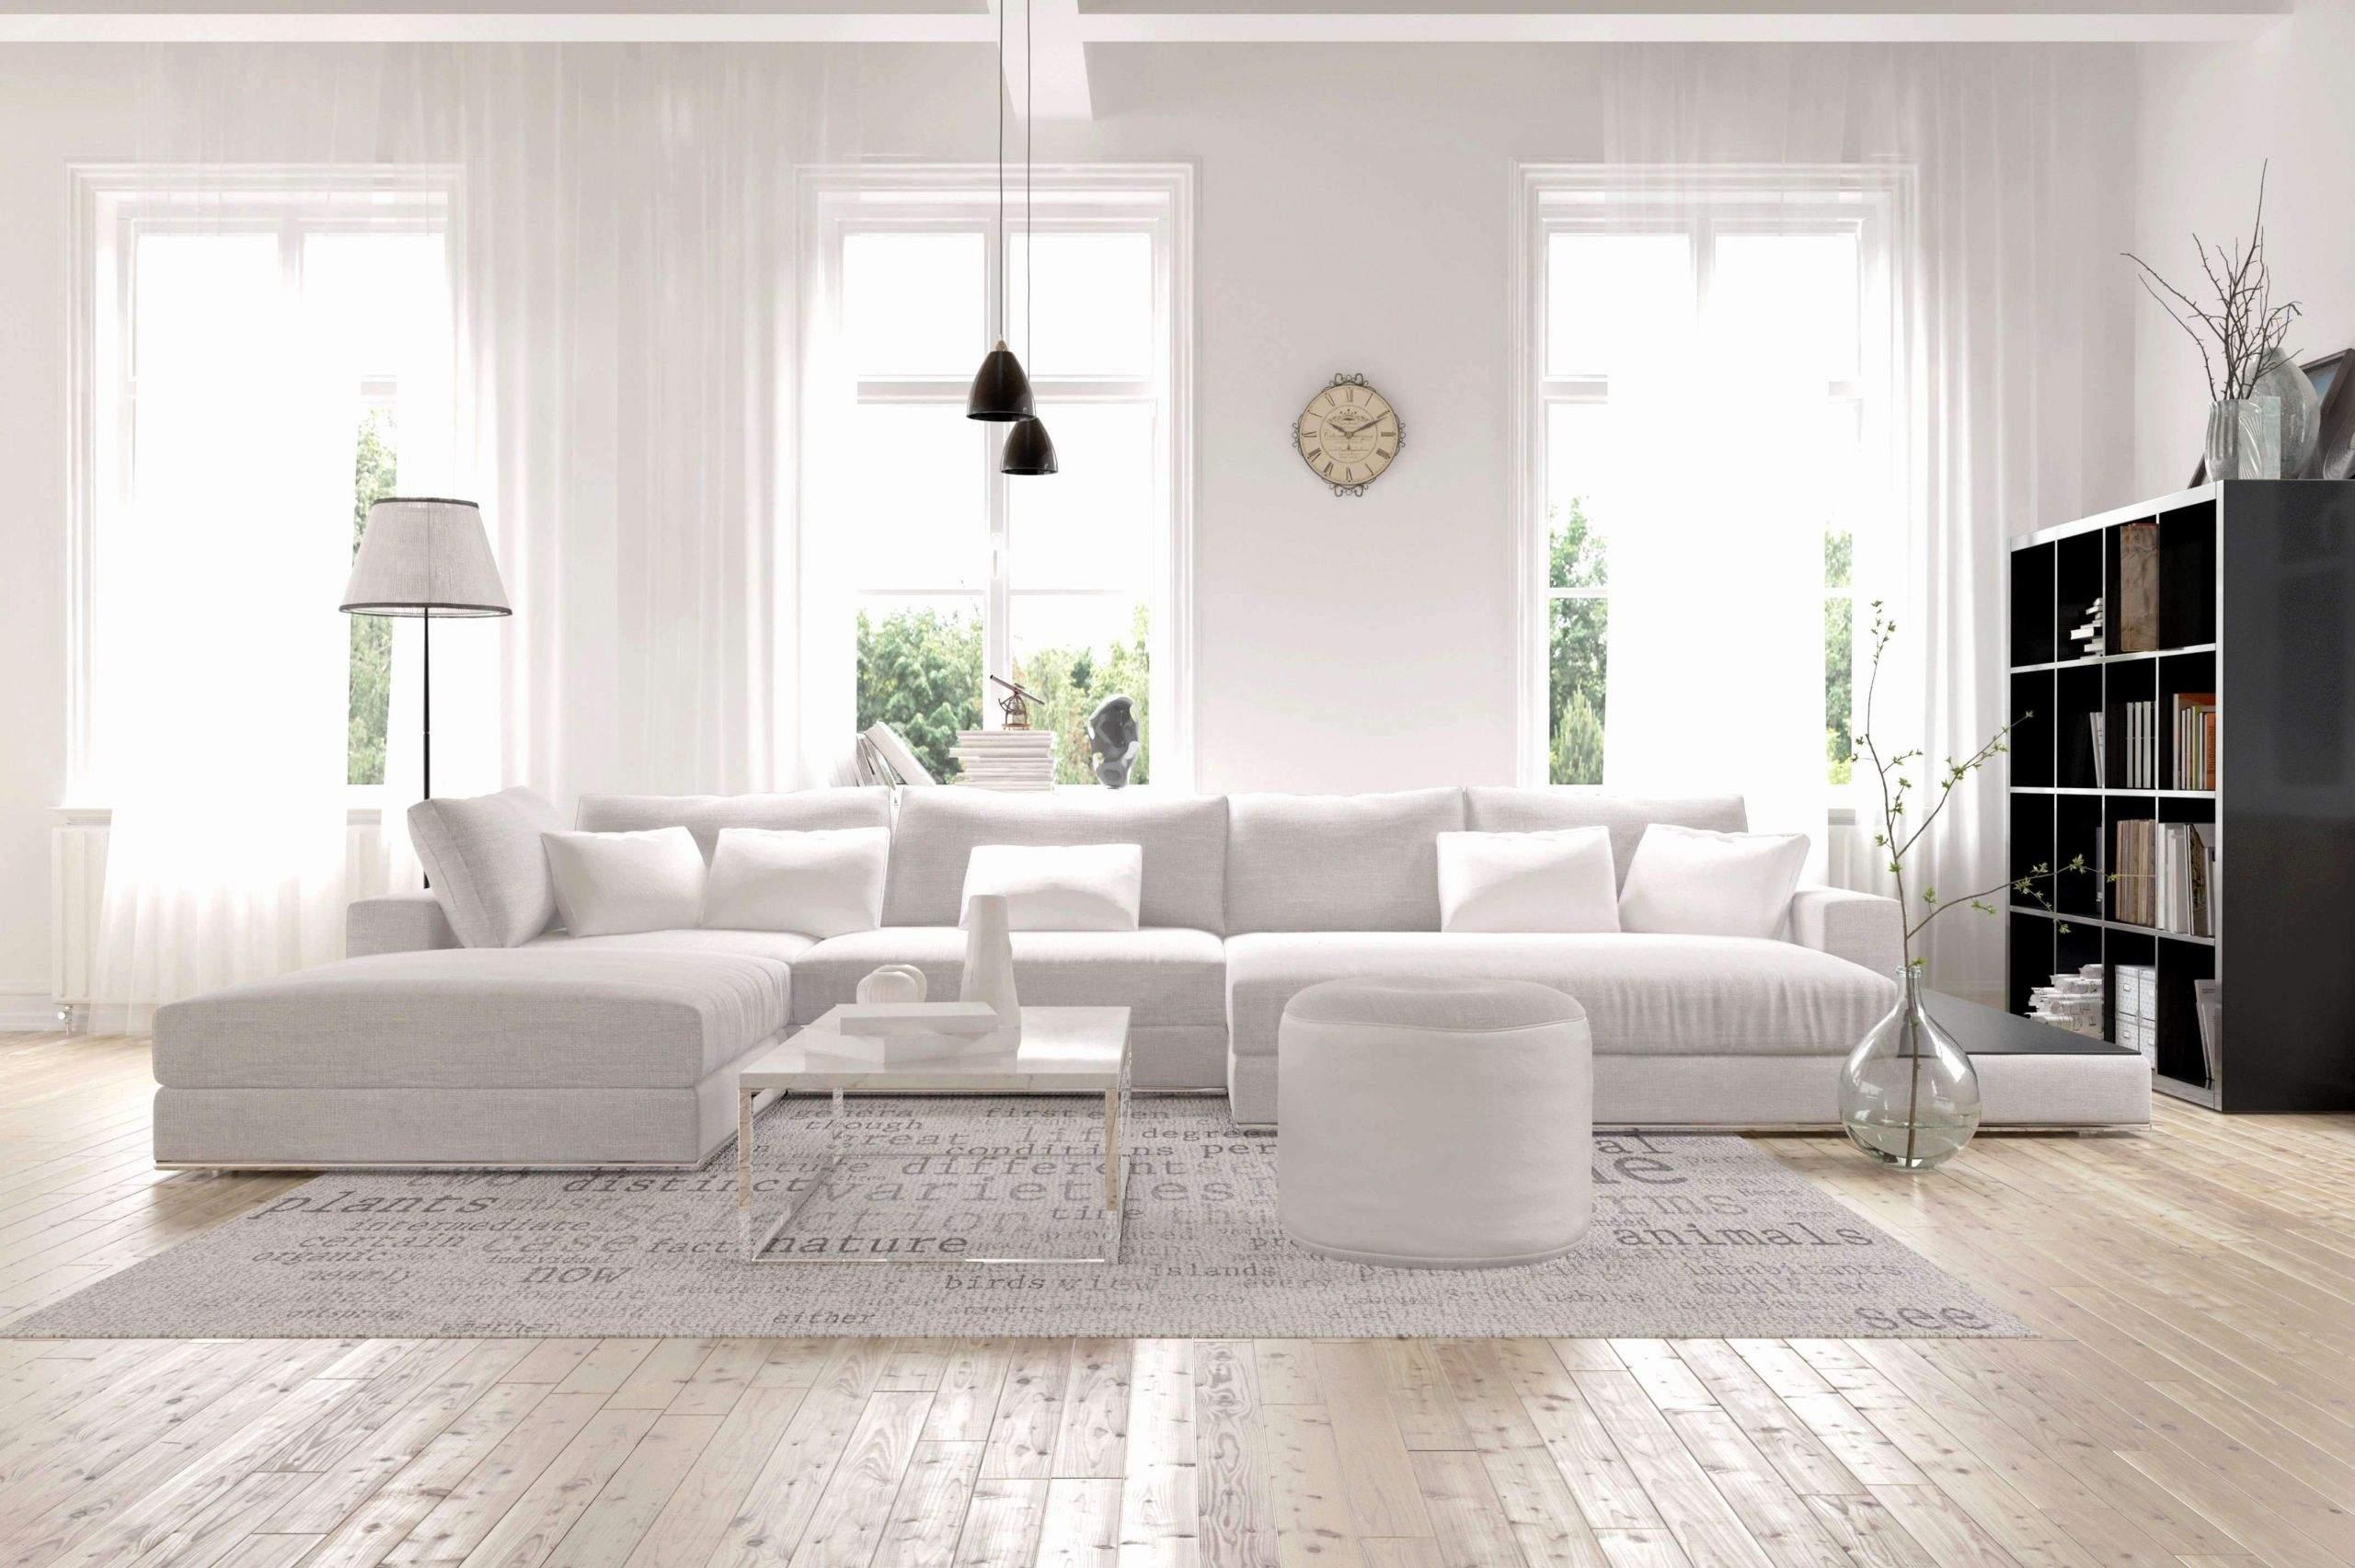 bodenbelag wohnzimmer beispiele luxus 33 luxus bodenbelag wohnzimmer inspirierend of bodenbelag wohnzimmer beispiele scaled